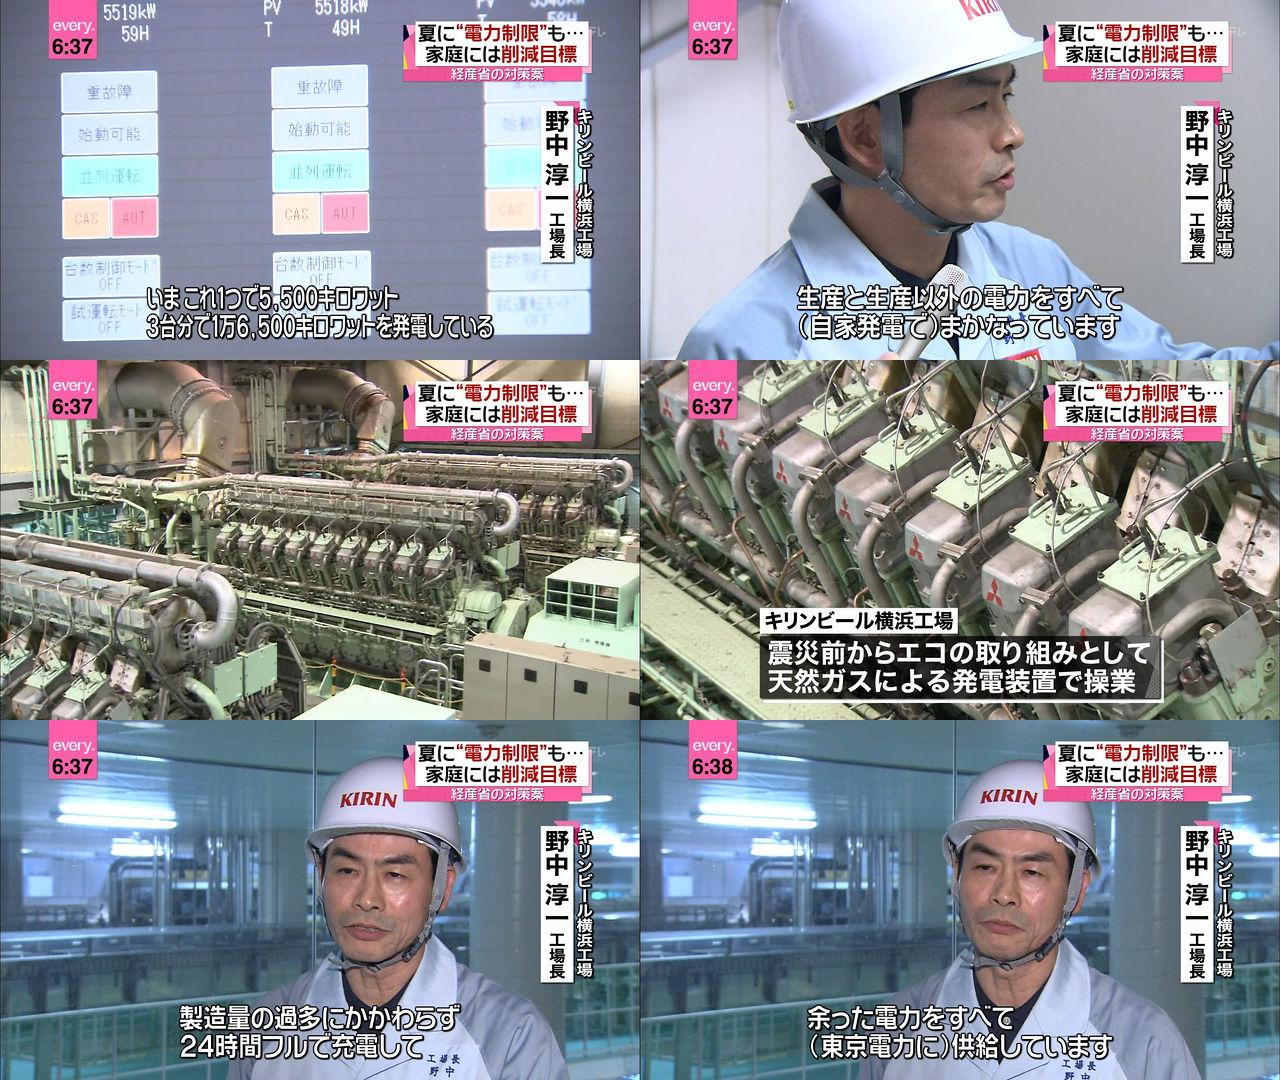 東電「5600万~5700万kw供給できそう」。計画停電は1年以上続く見込みとは何だったのか?のサムネイル画像